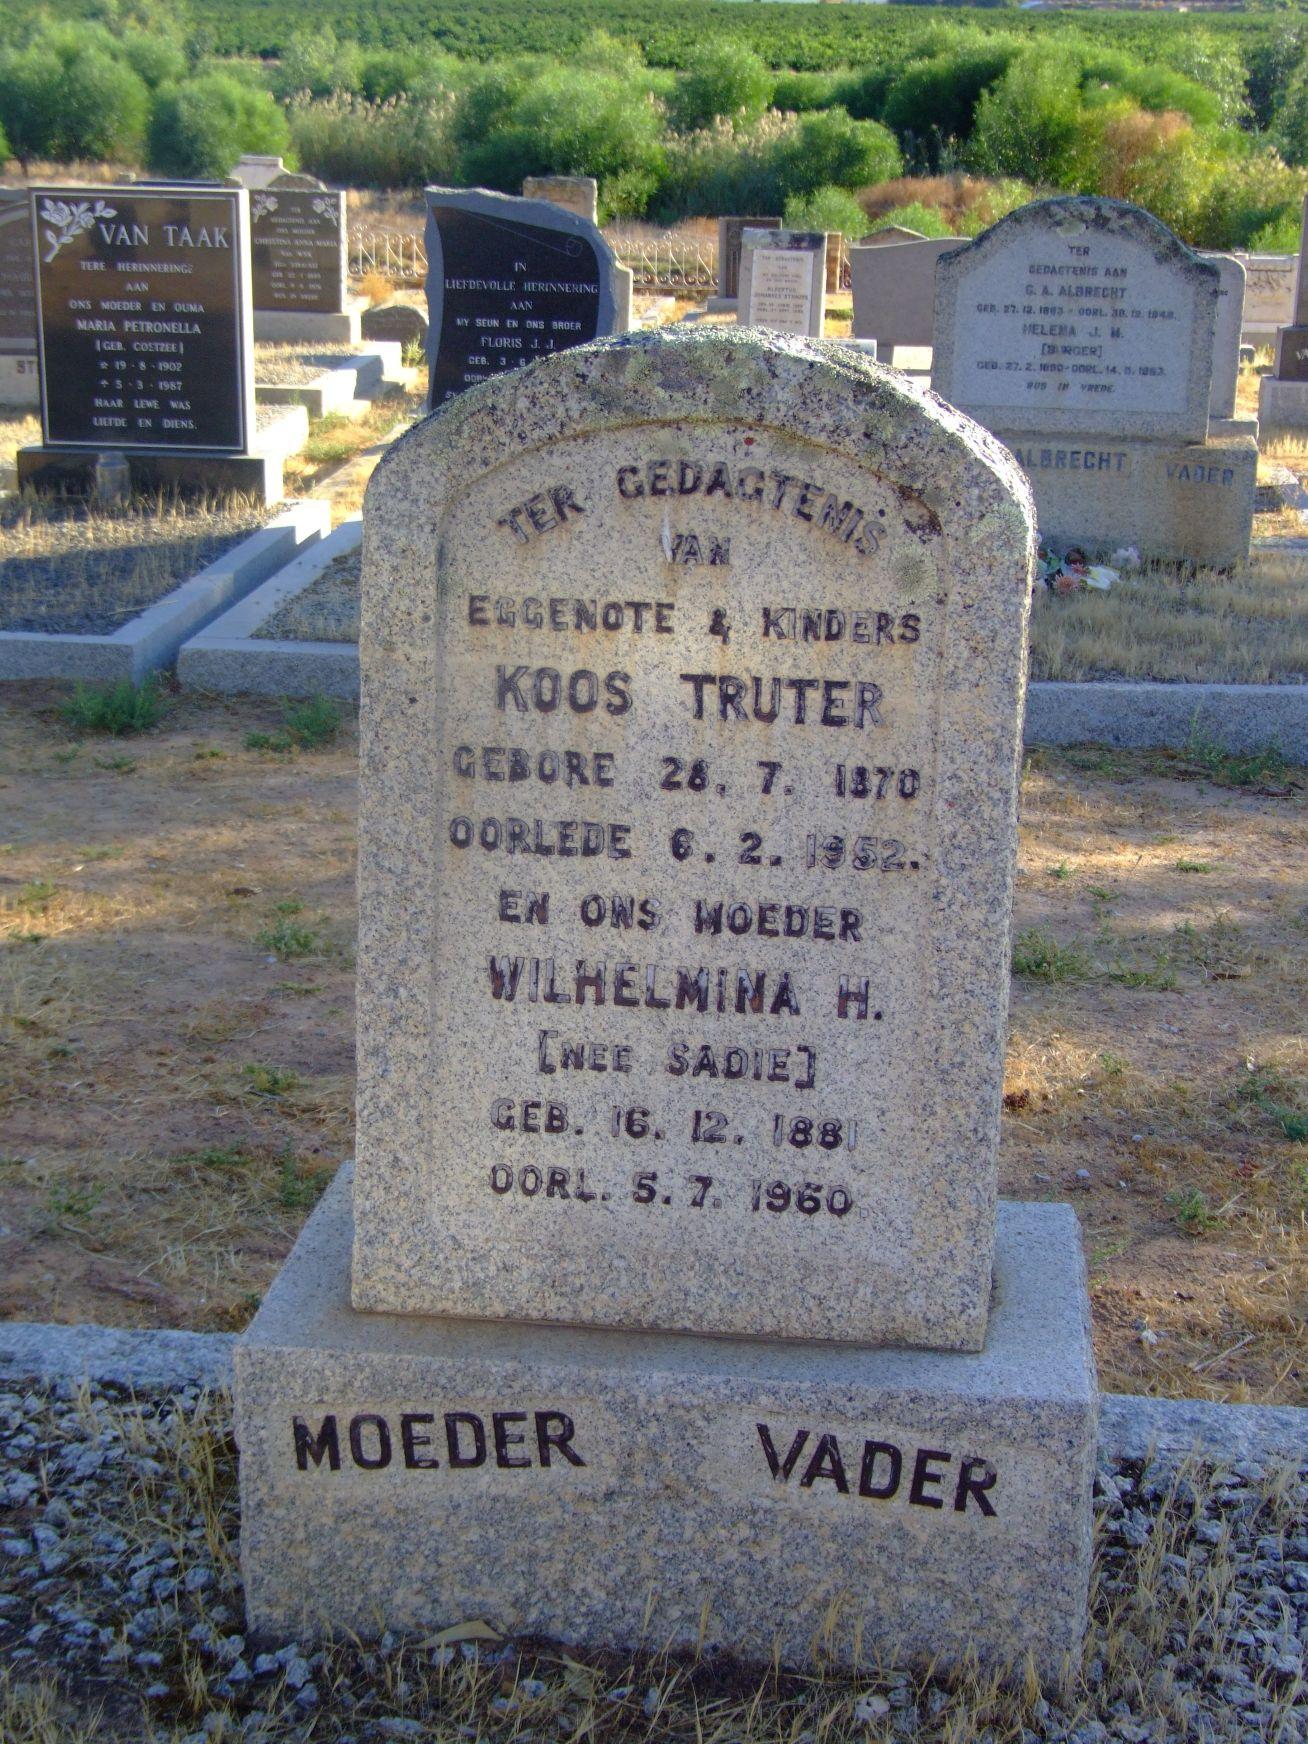 Truter, Koos + Truter, Wilhelmina H.